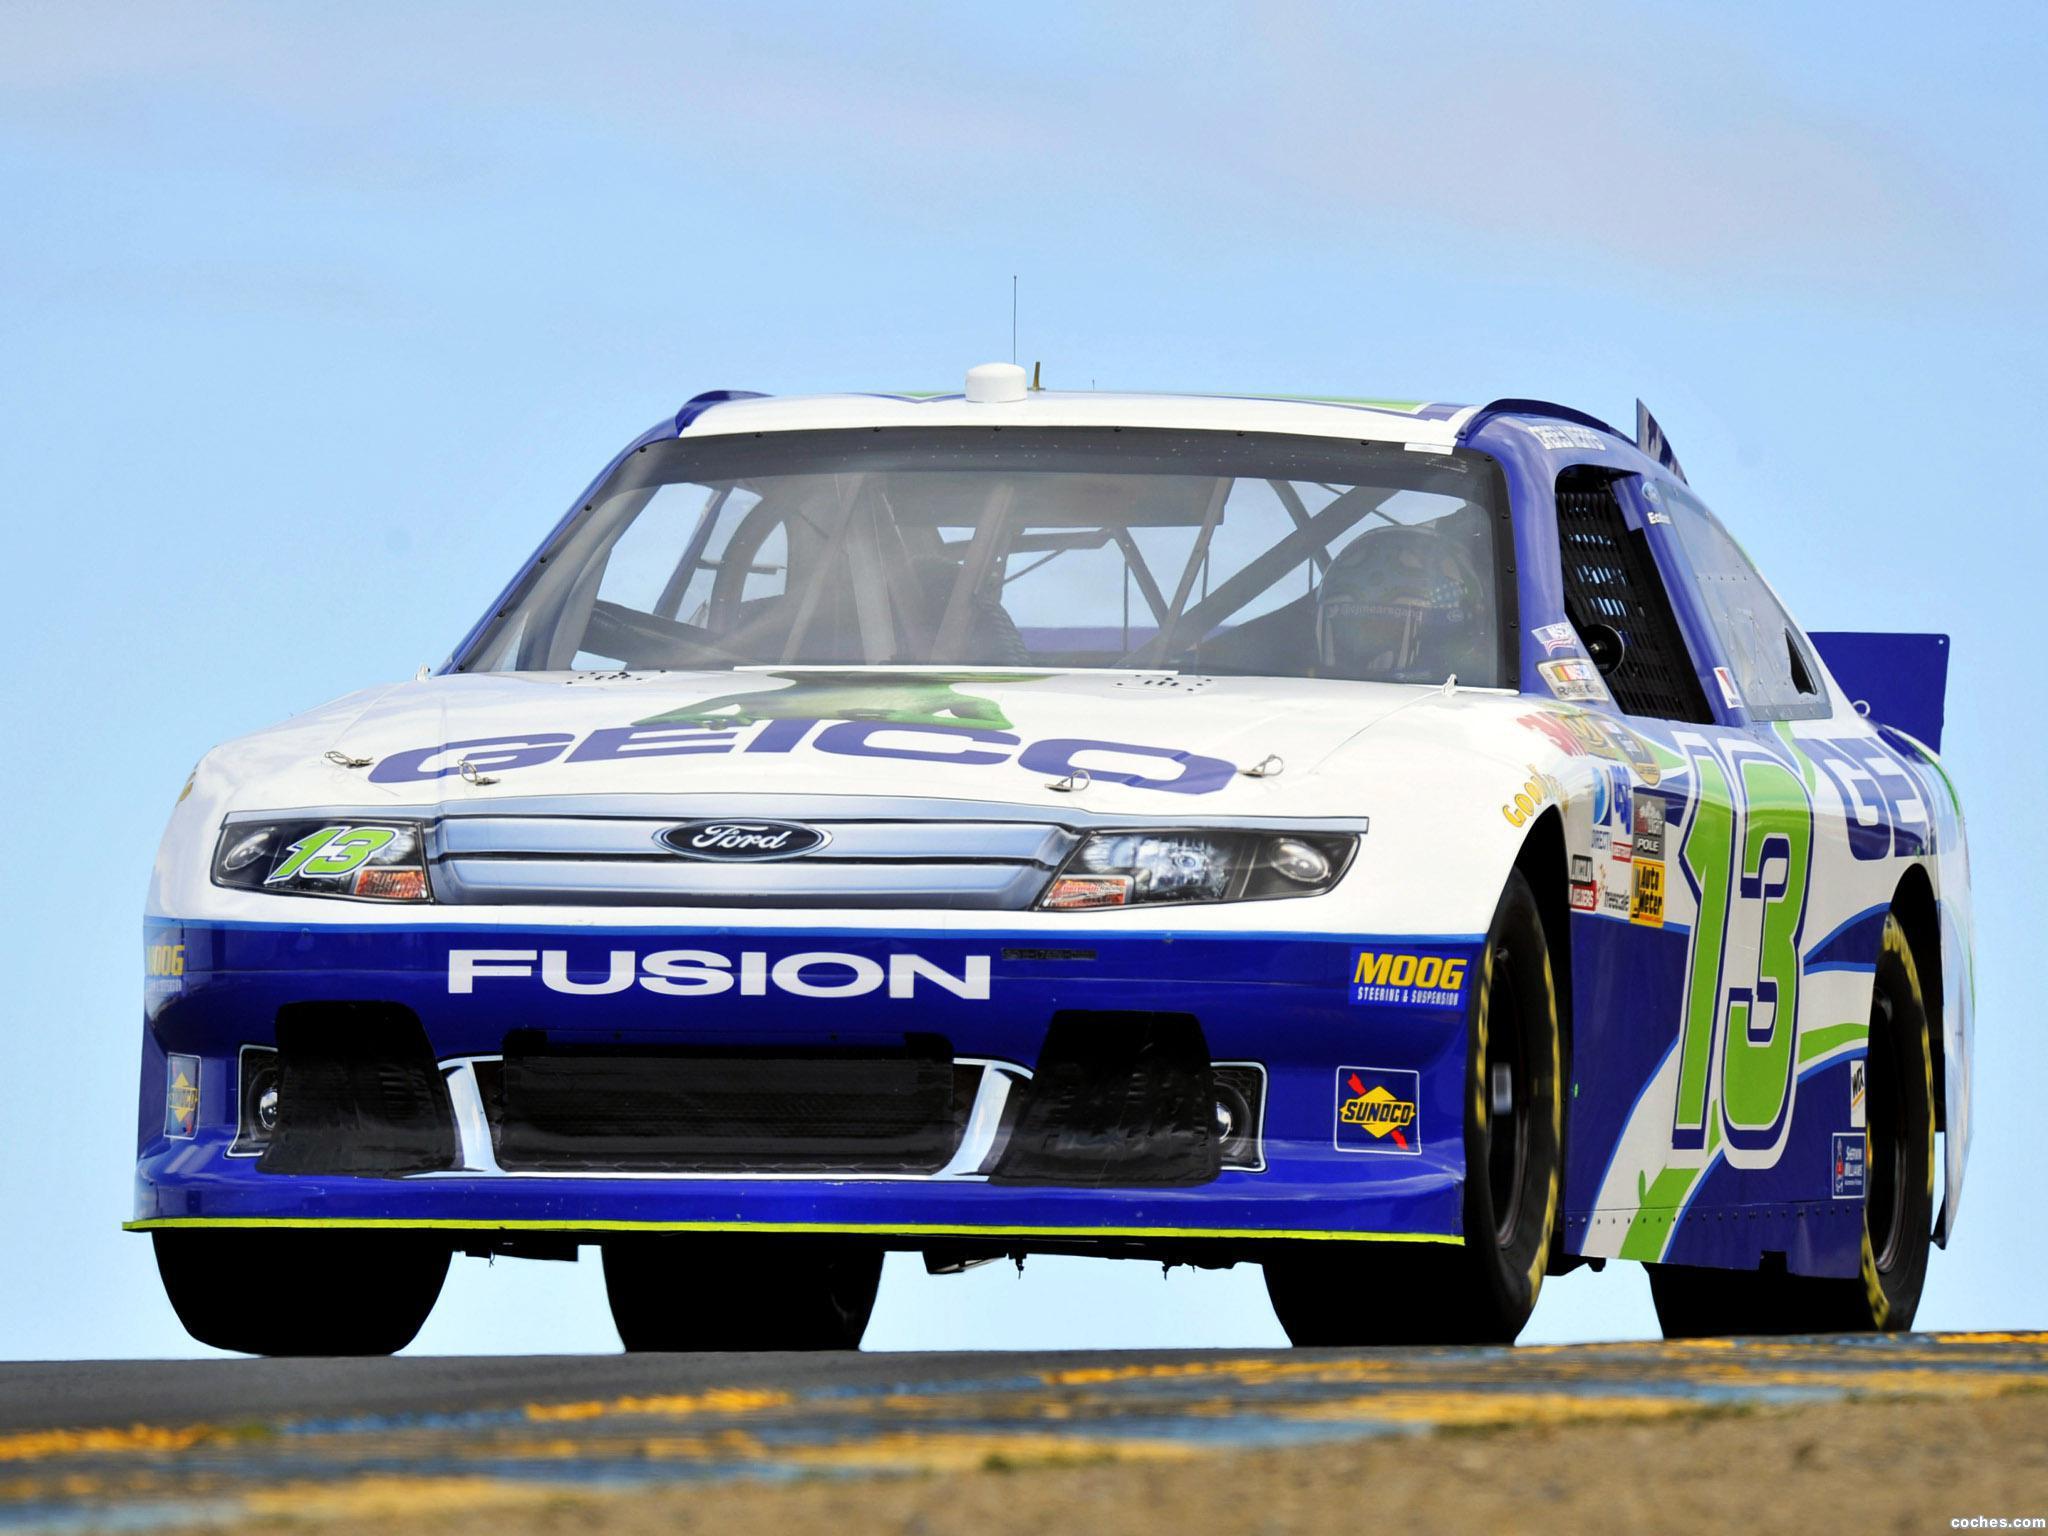 ford_fusion-nascar-sprint-cup-series-race-car-2012_r5